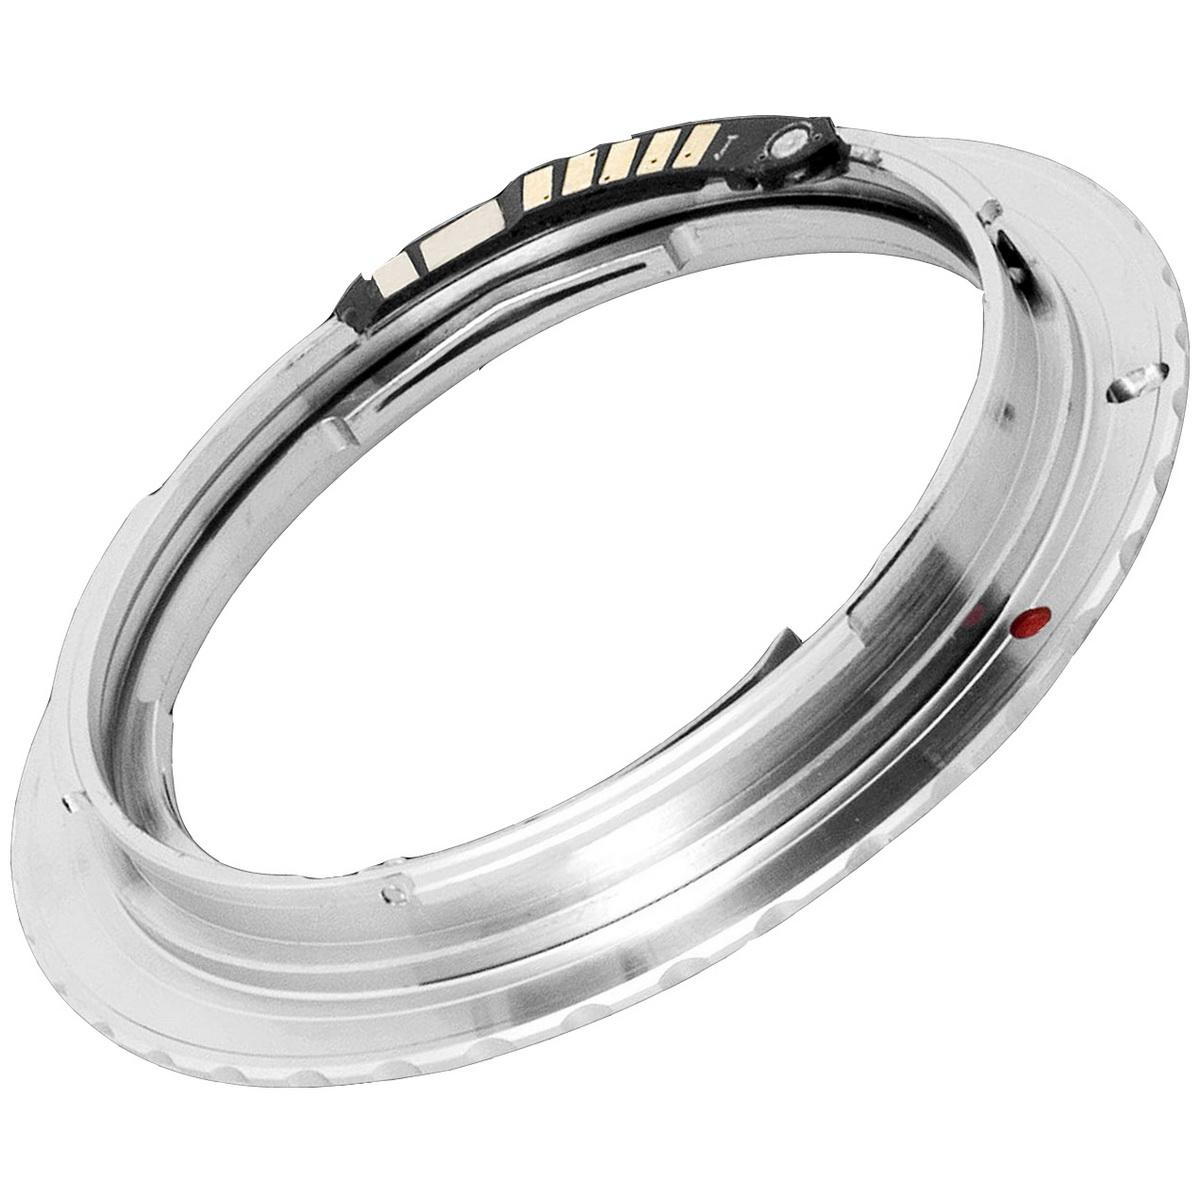 Lens Ring Mount Adapter For AF Confirm Pentax K PK Lens to Canon EOS EF 600D 60D 1100D DC130-SZ<br><br>Aliexpress